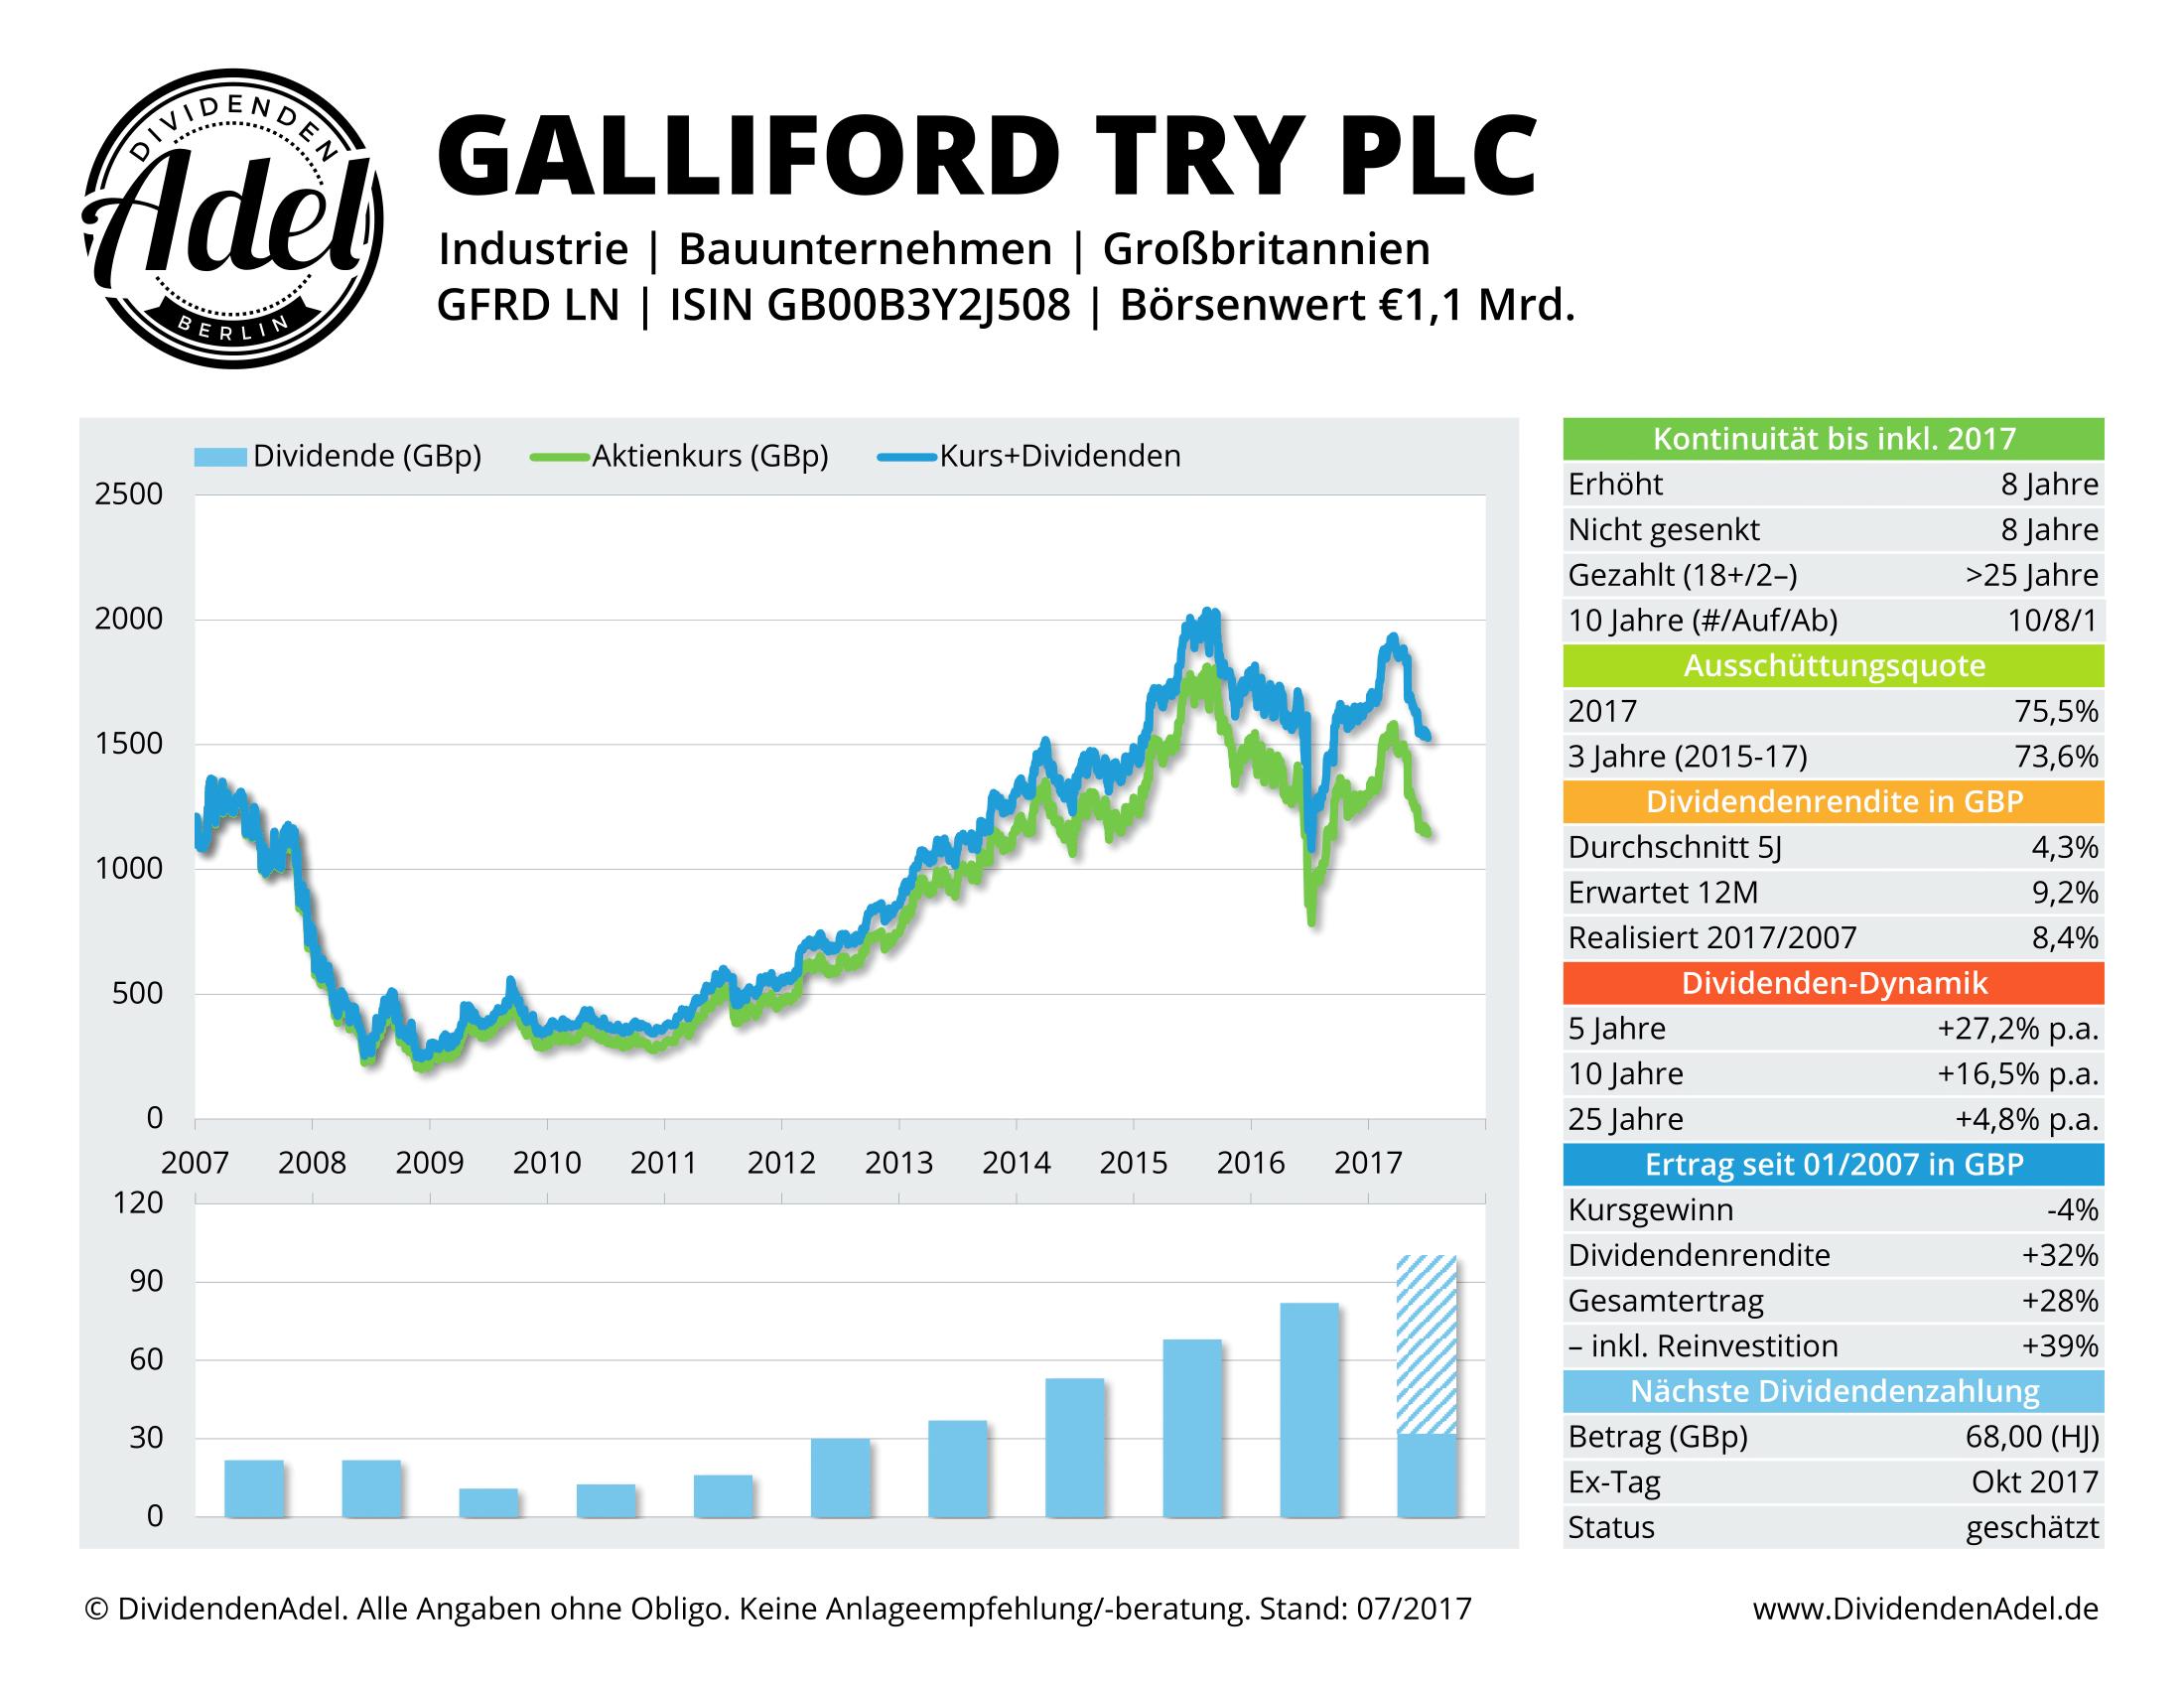 GALLIFORD-TRY-DividendenAdel-Profil